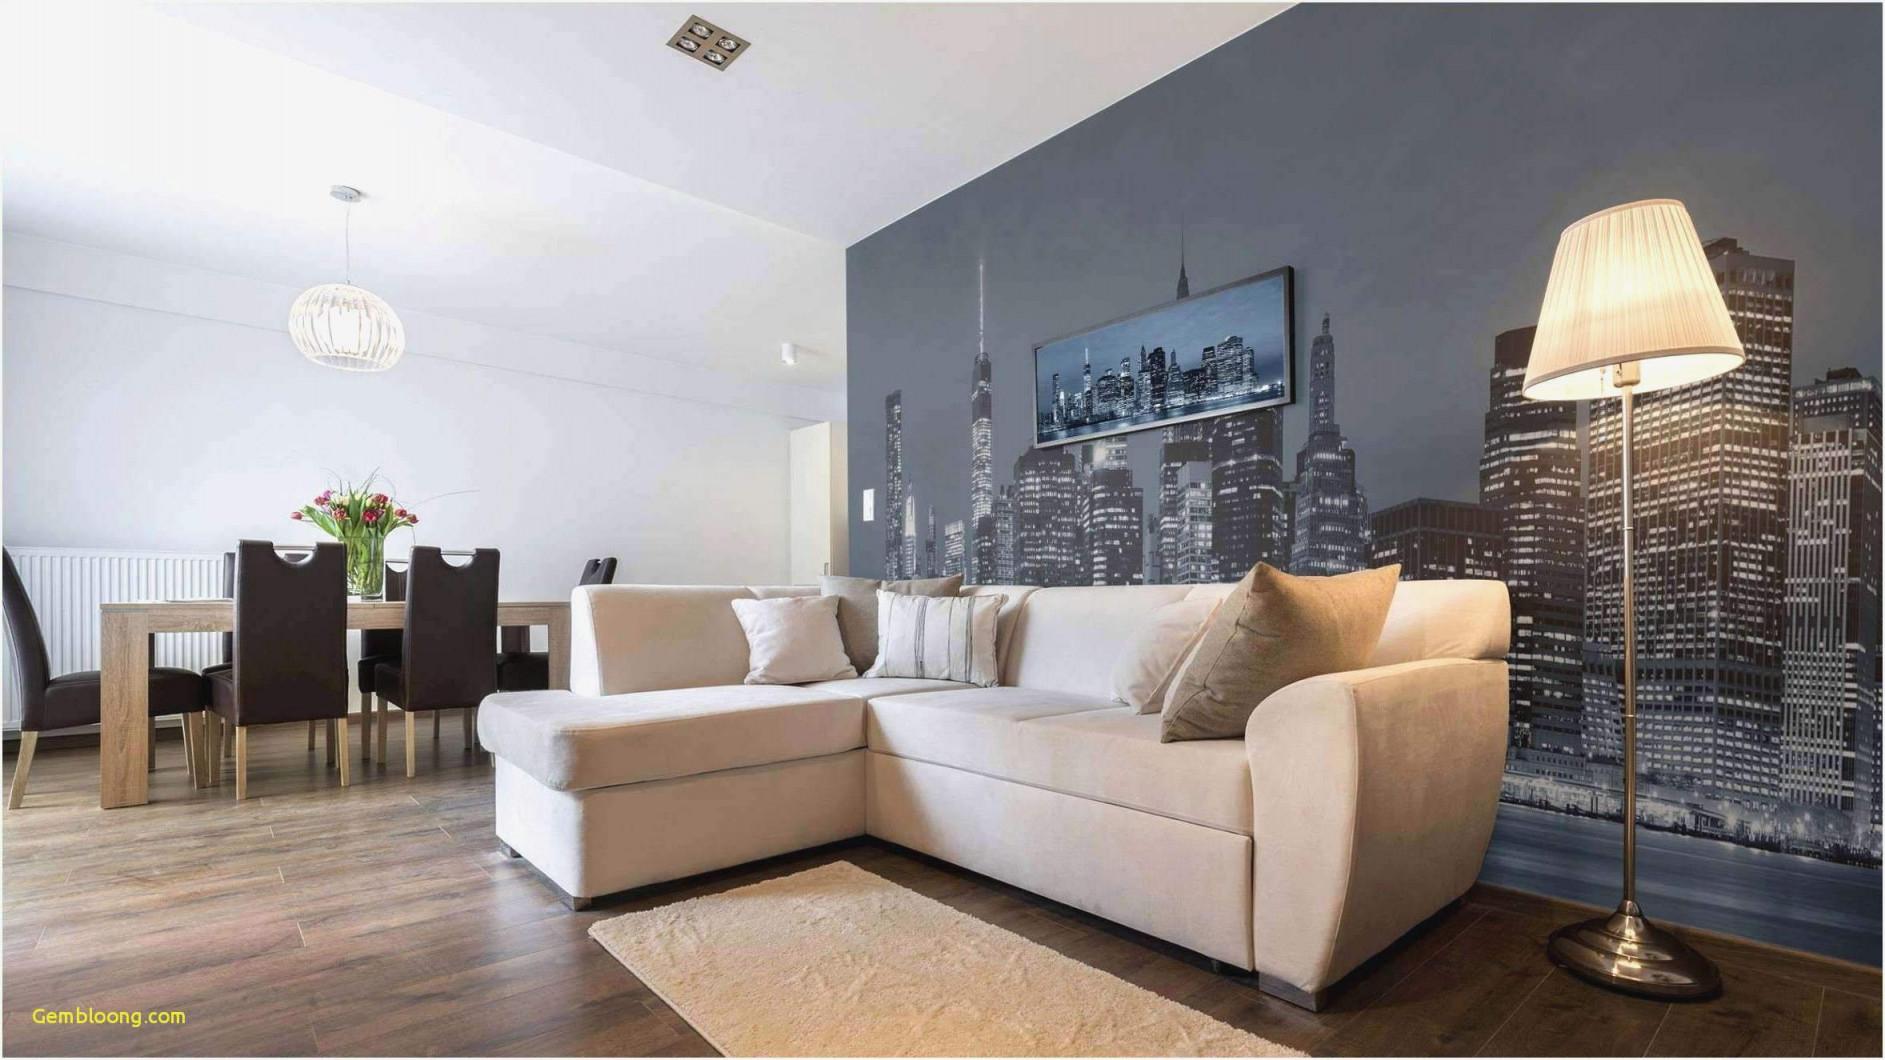 Wohnzimmer Ideen Grau Genial Wohnzimmer Deko Rot Grau von Graue Deko Wohnzimmer Bild